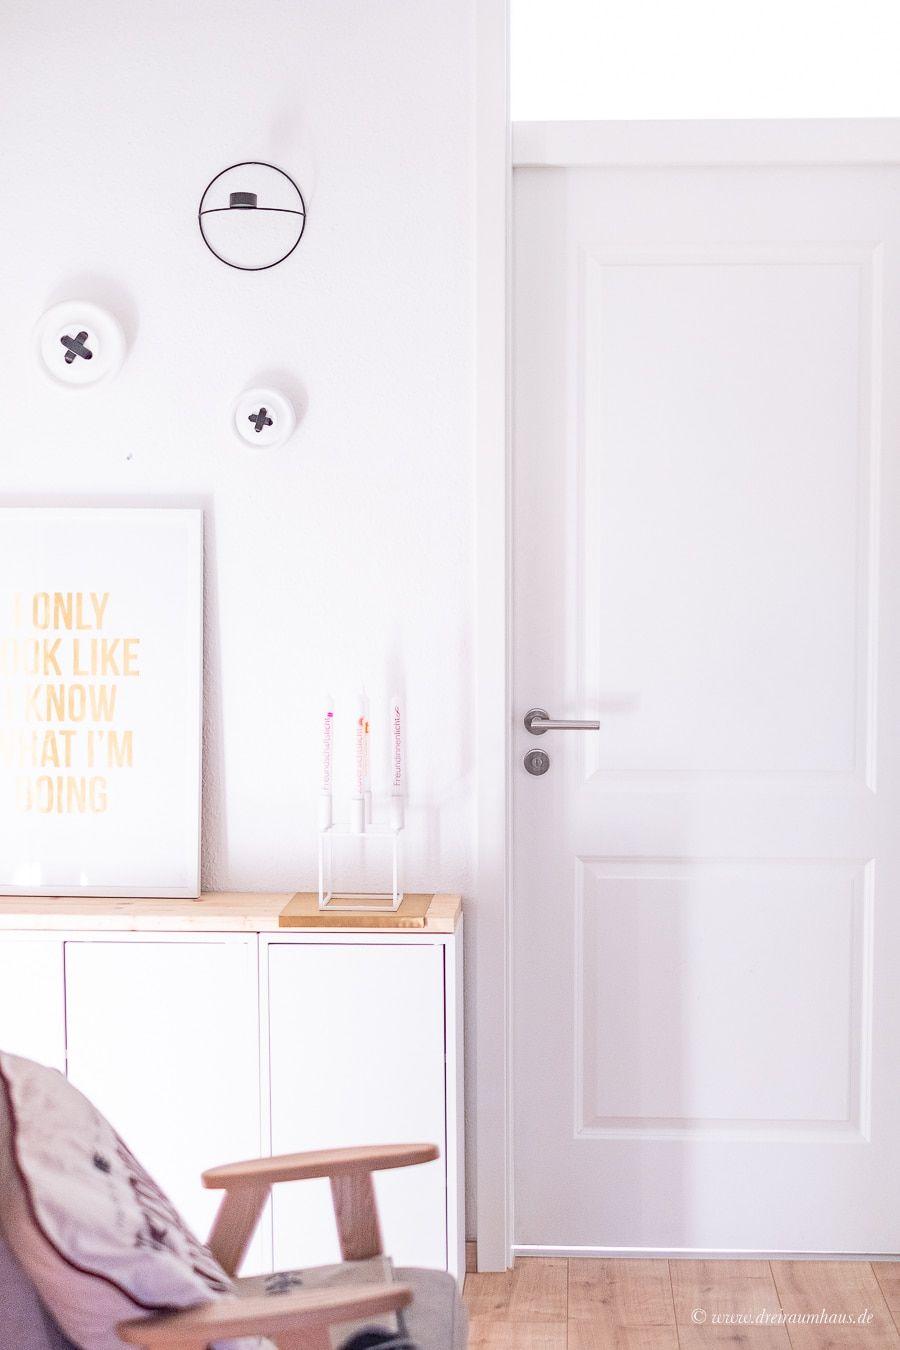 Dekosamstag: Eine Bilderwand im Flur und warum es einfach immer besser wird mit meiner Wohnung und mir!